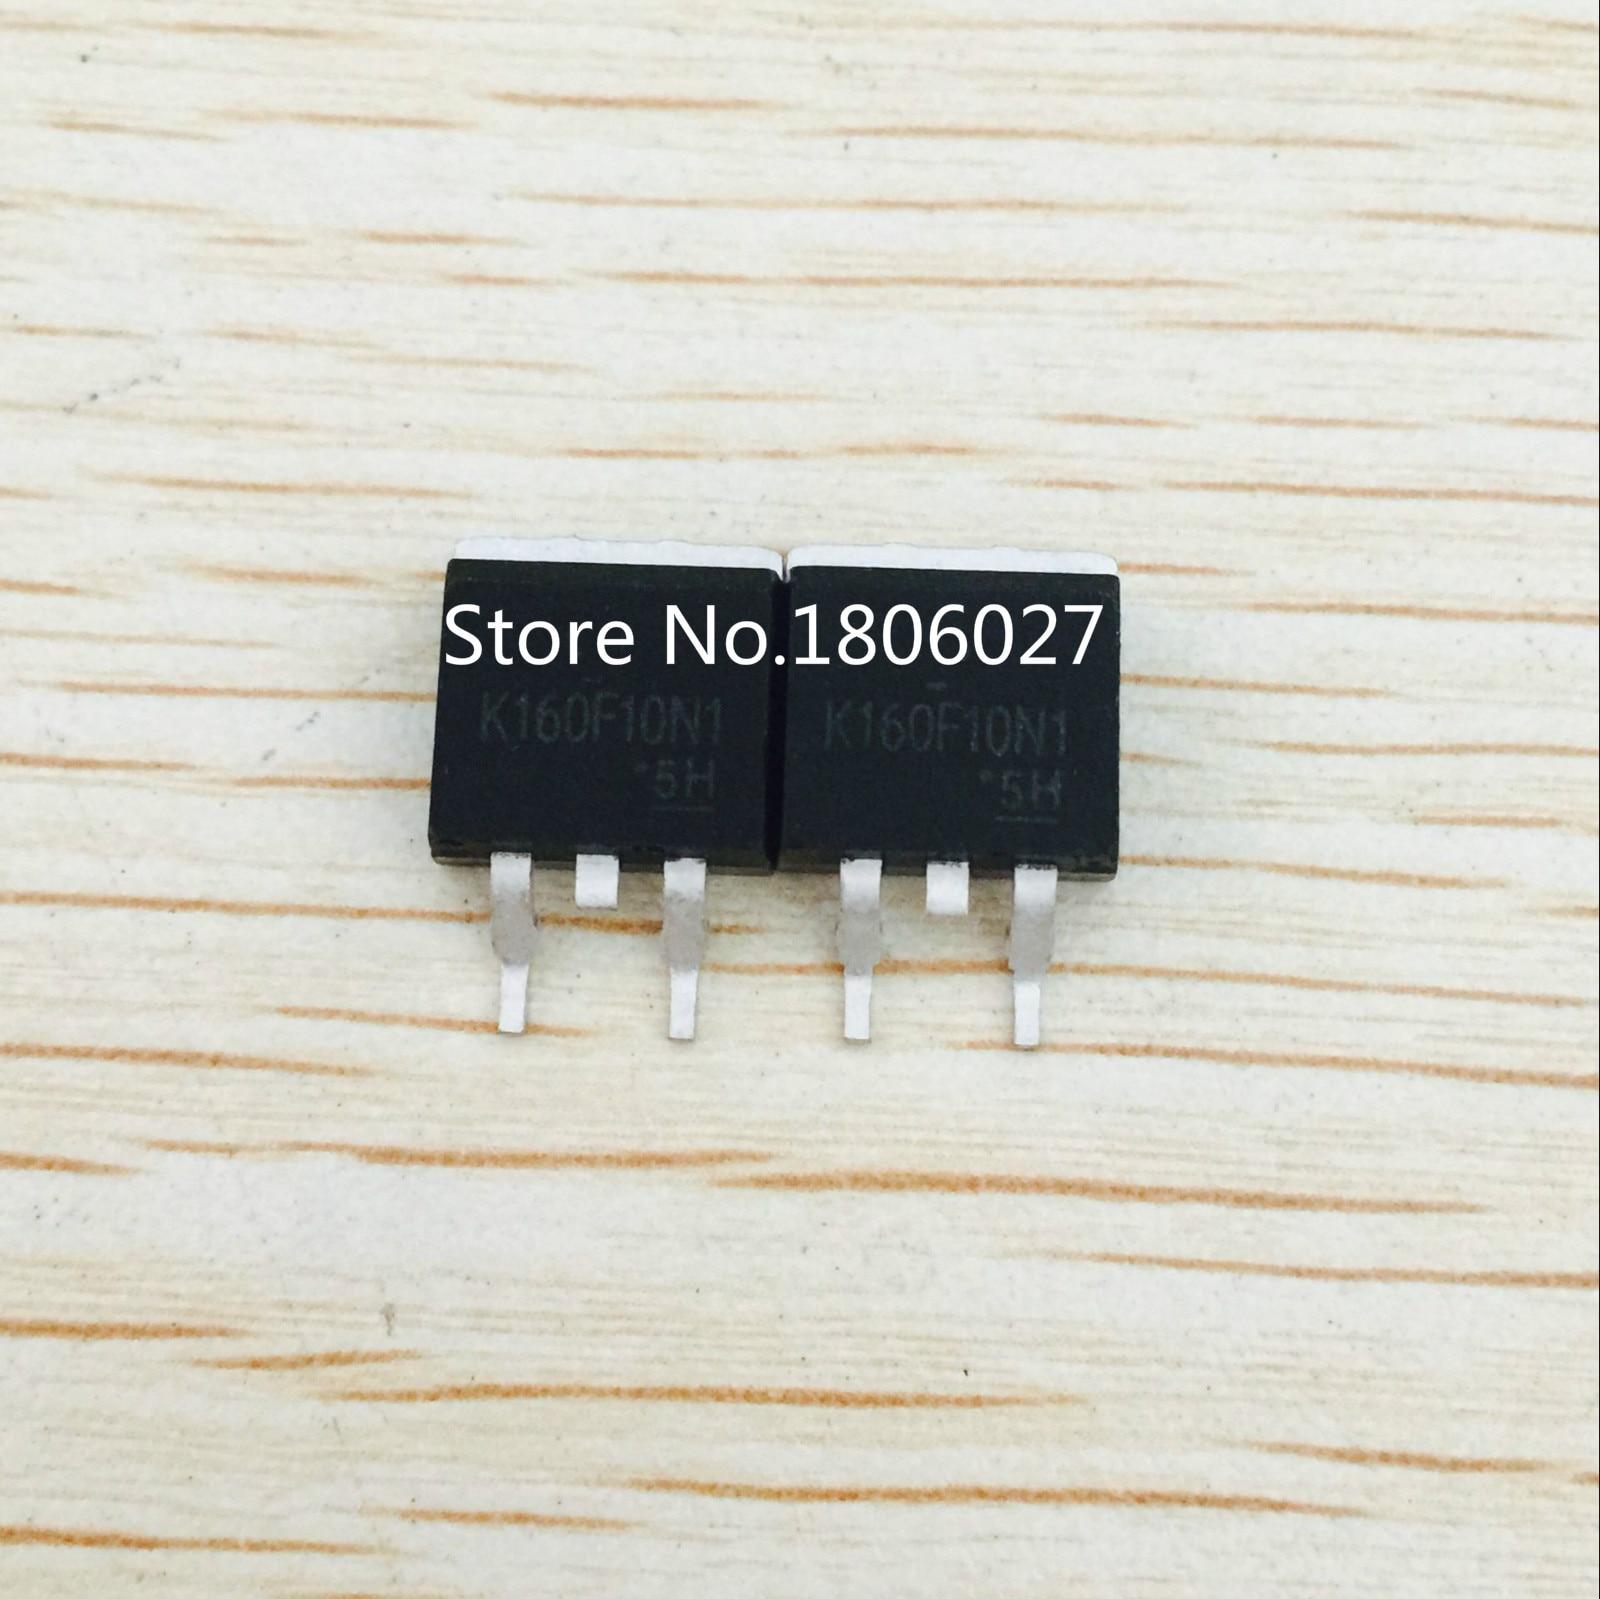 Enviar livre 20 PCS TK160F10N1 K160F10N1 100V160A TO-263 Novo original  local vendendo circuitos integrados 8bd352c2ffc